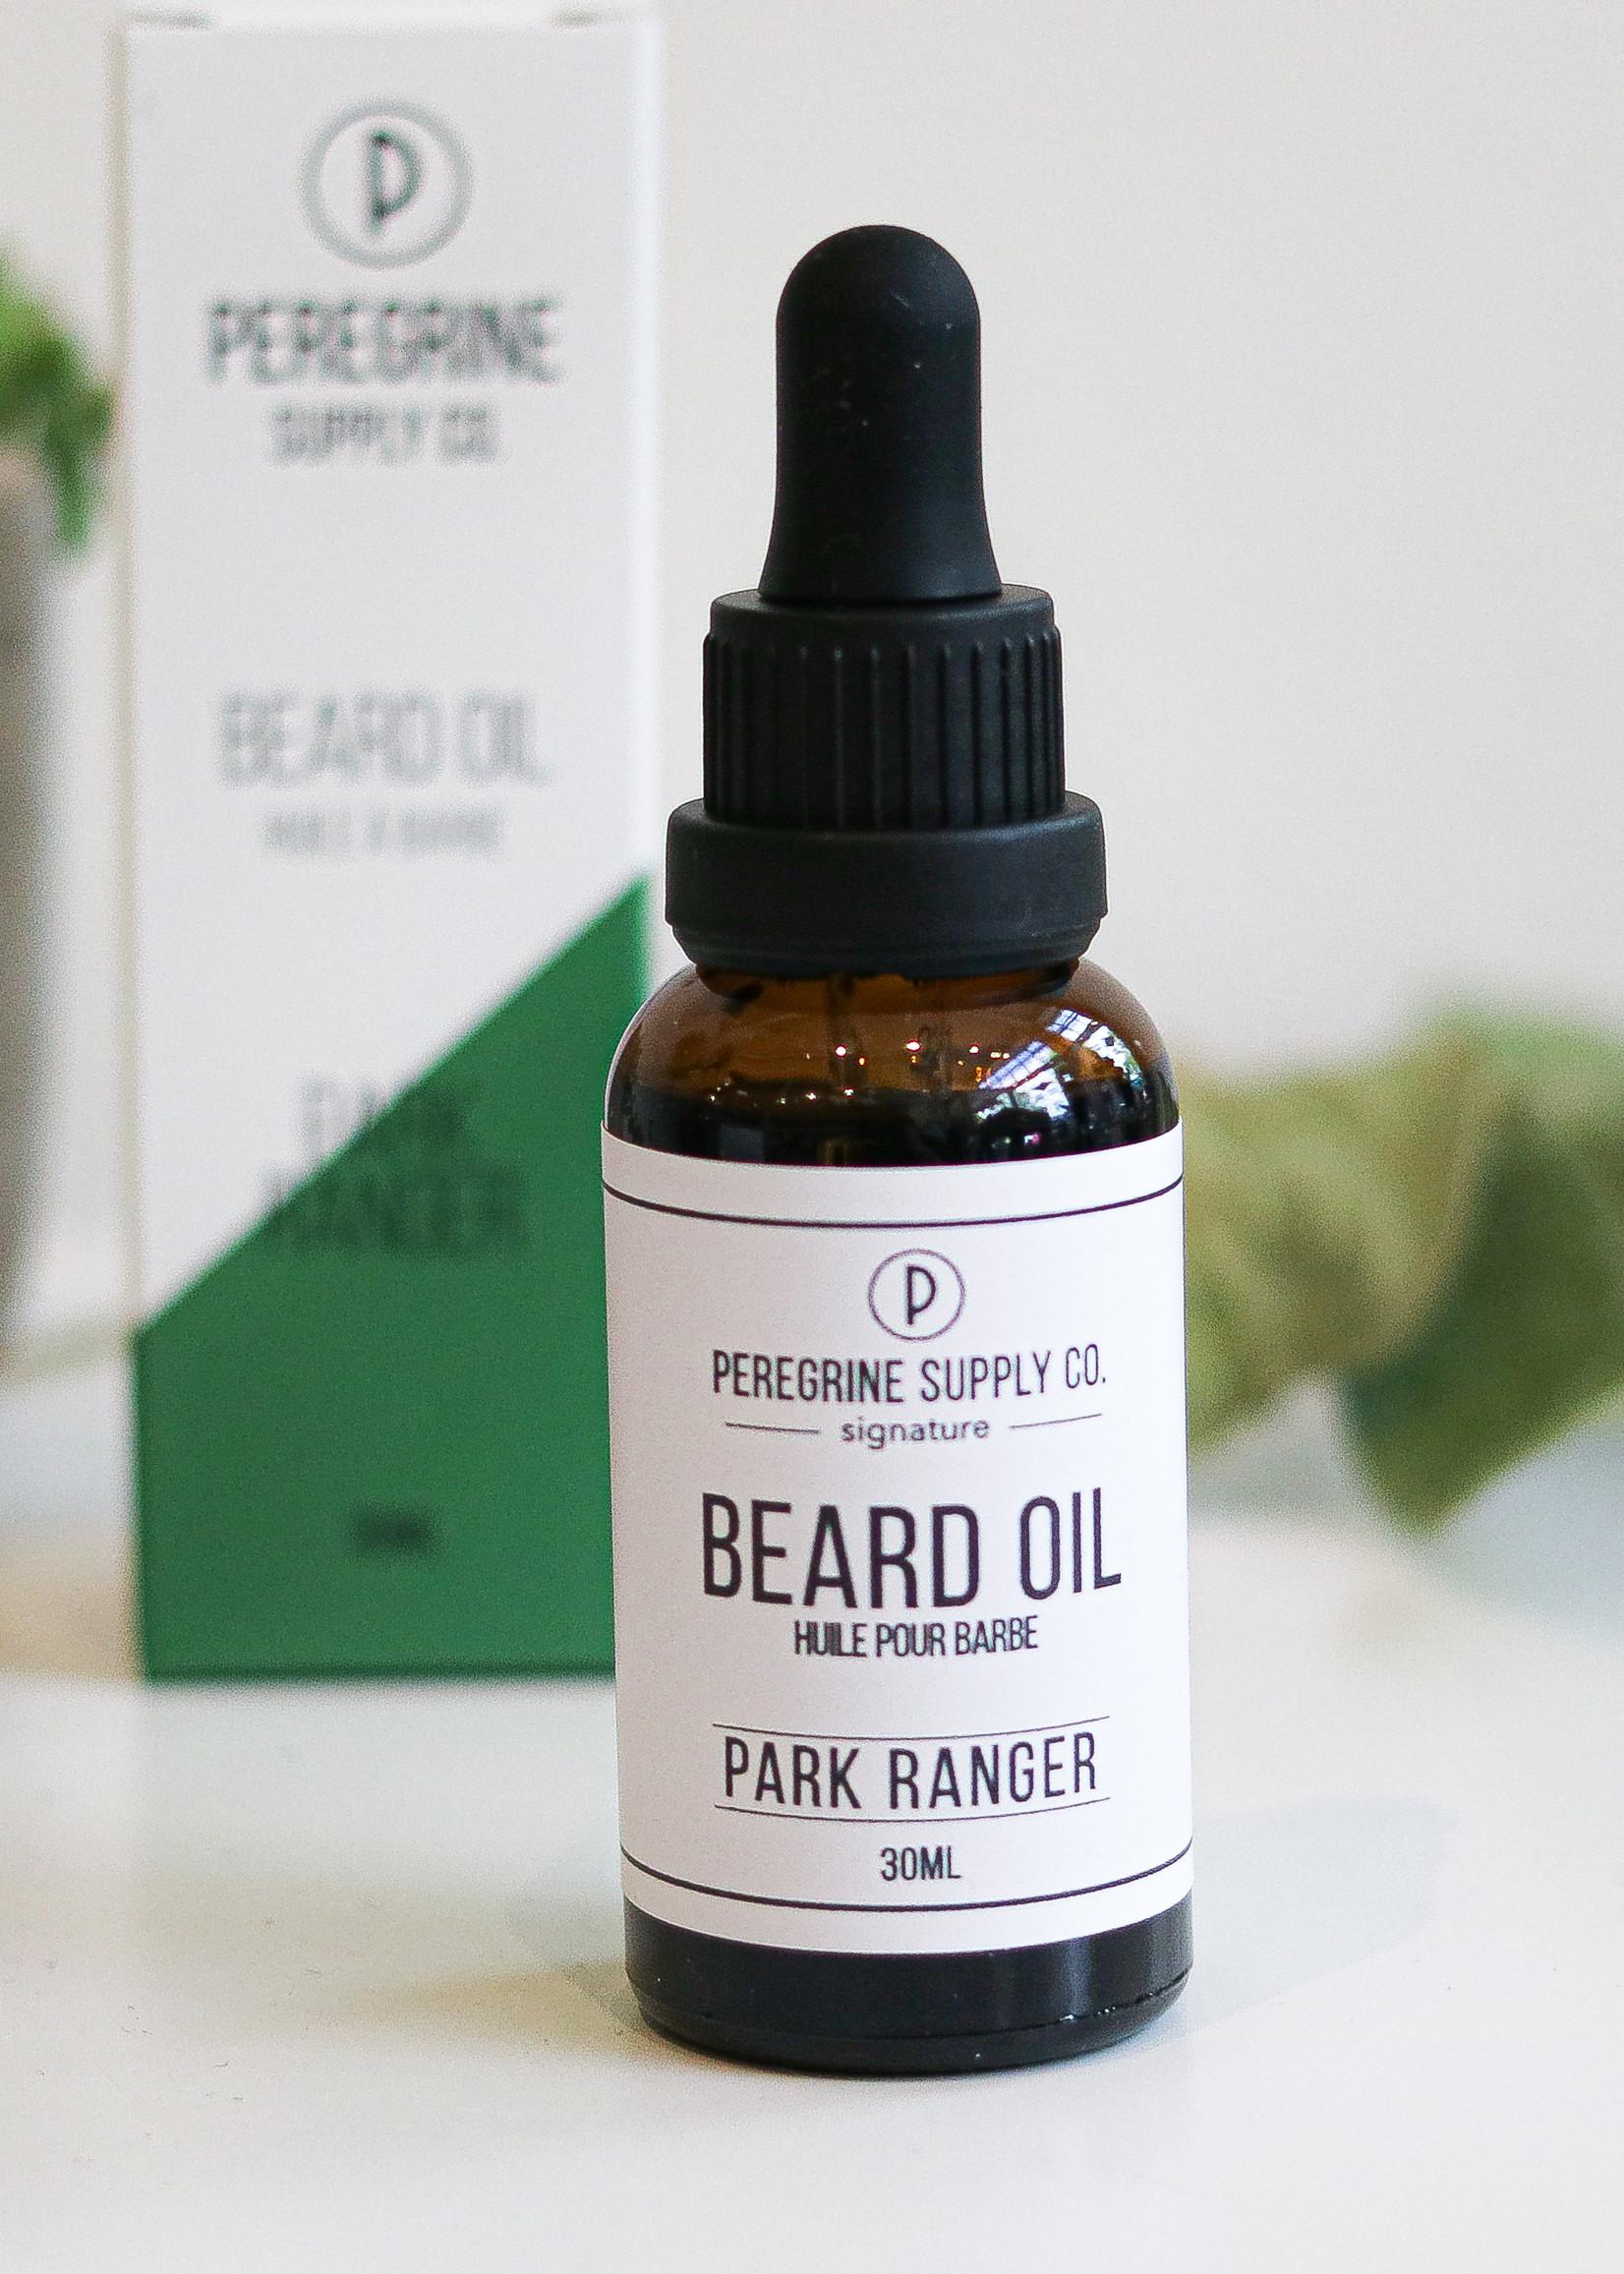 Peregrine Supply Co. - Park Ranger Beard Oil